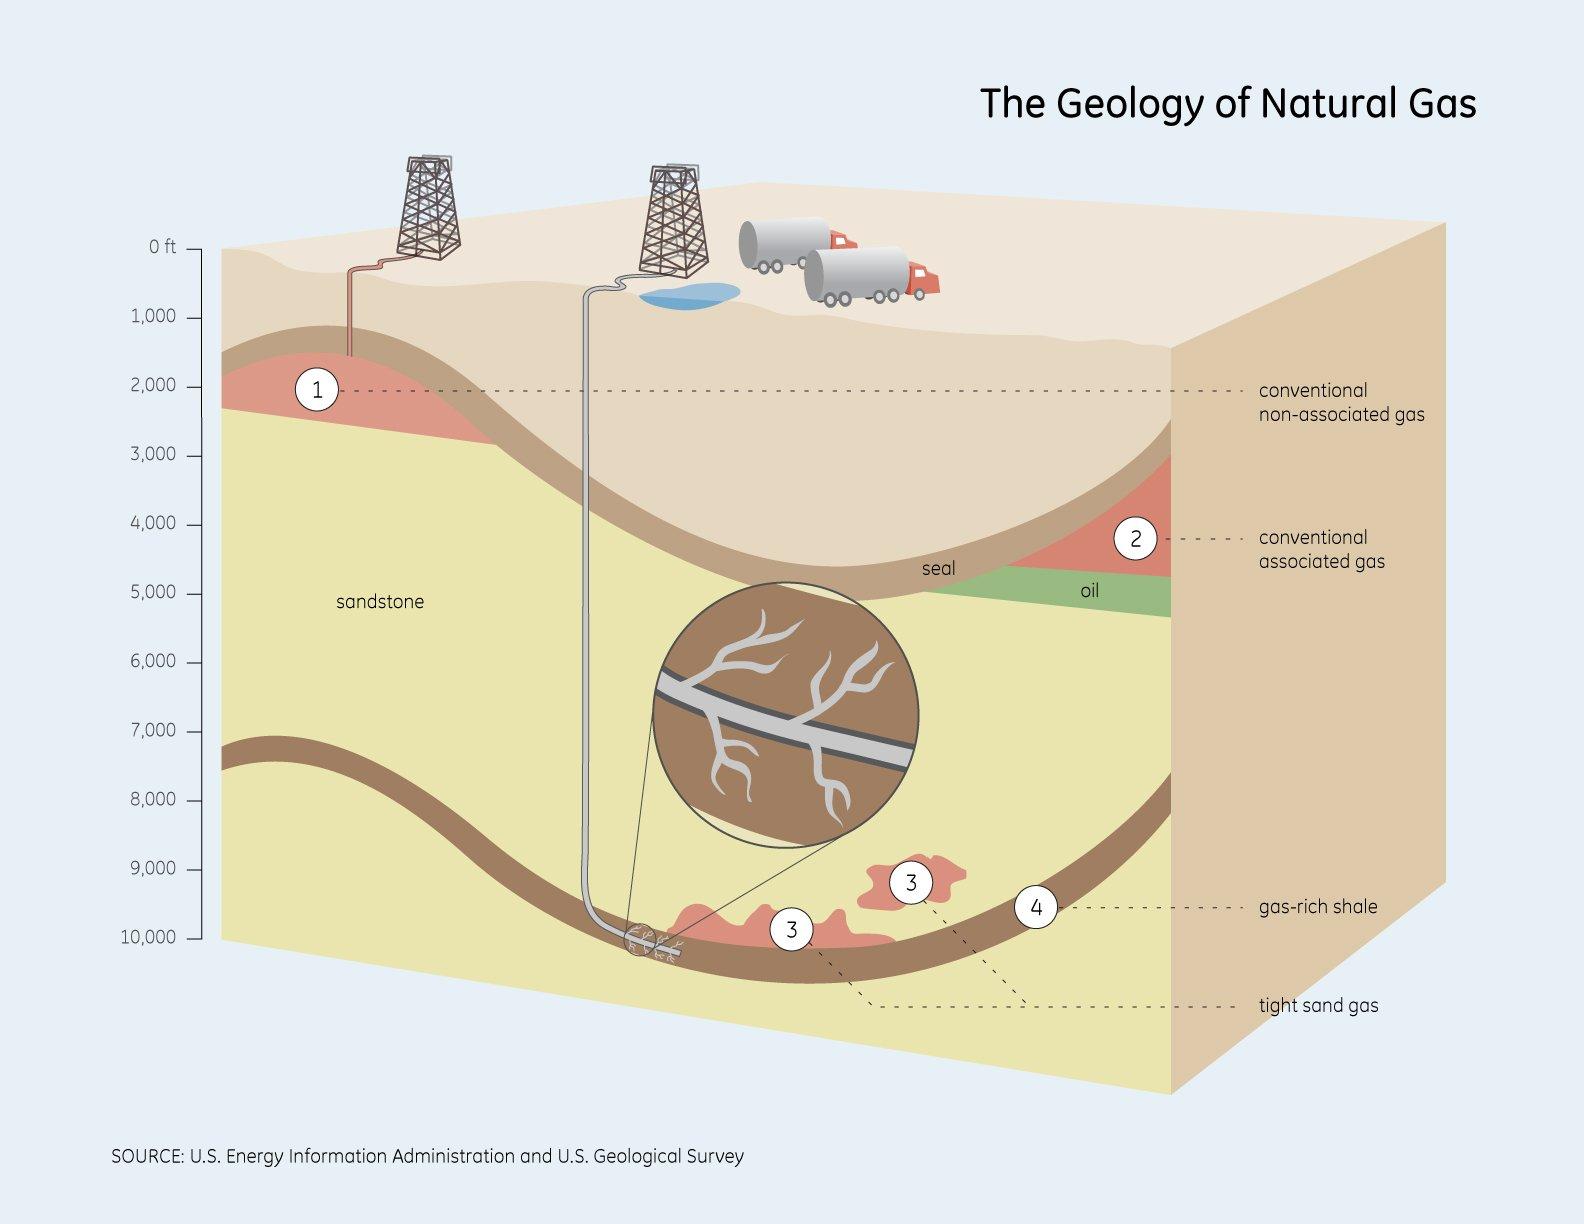 Associated_gas_geology